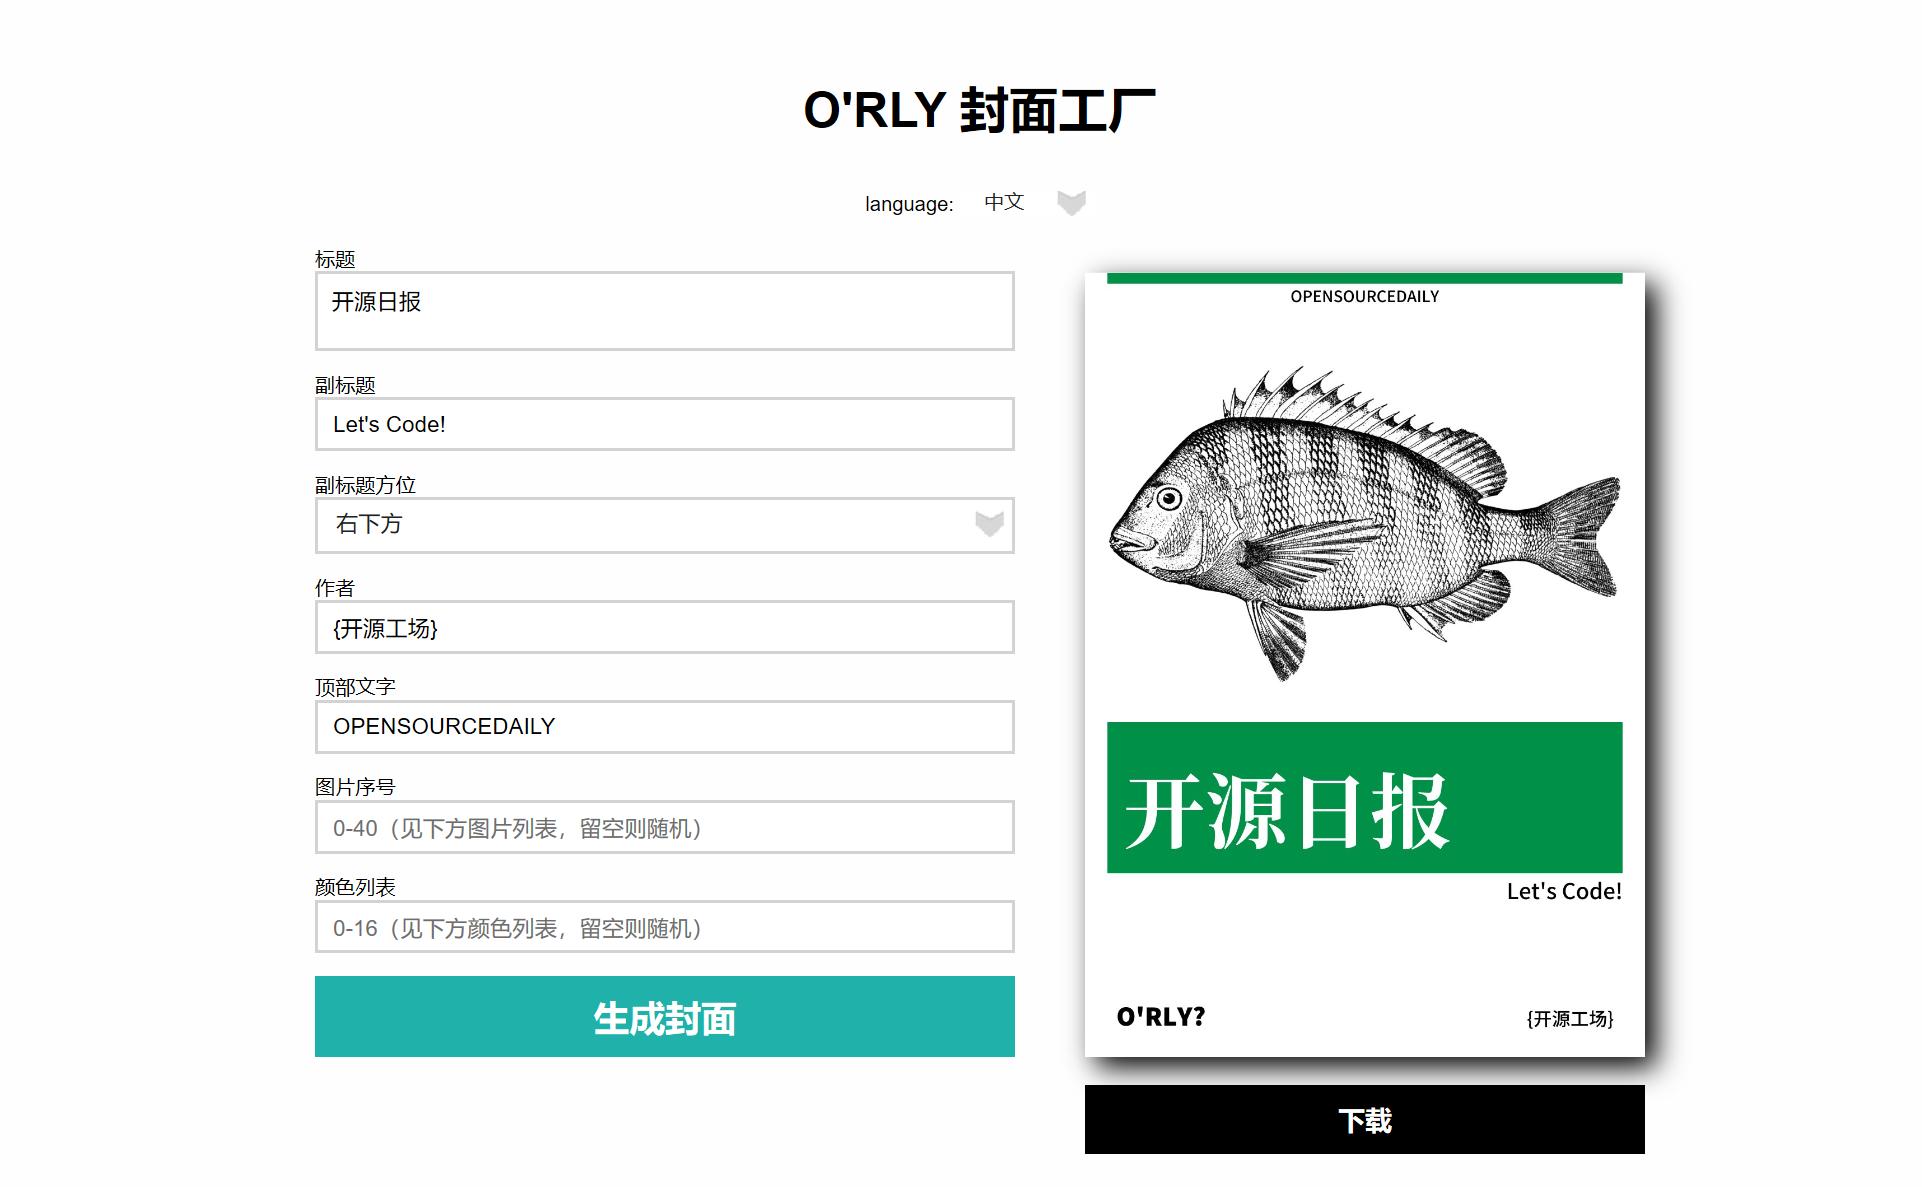 開源日報第828期:《封面工廠 orly》